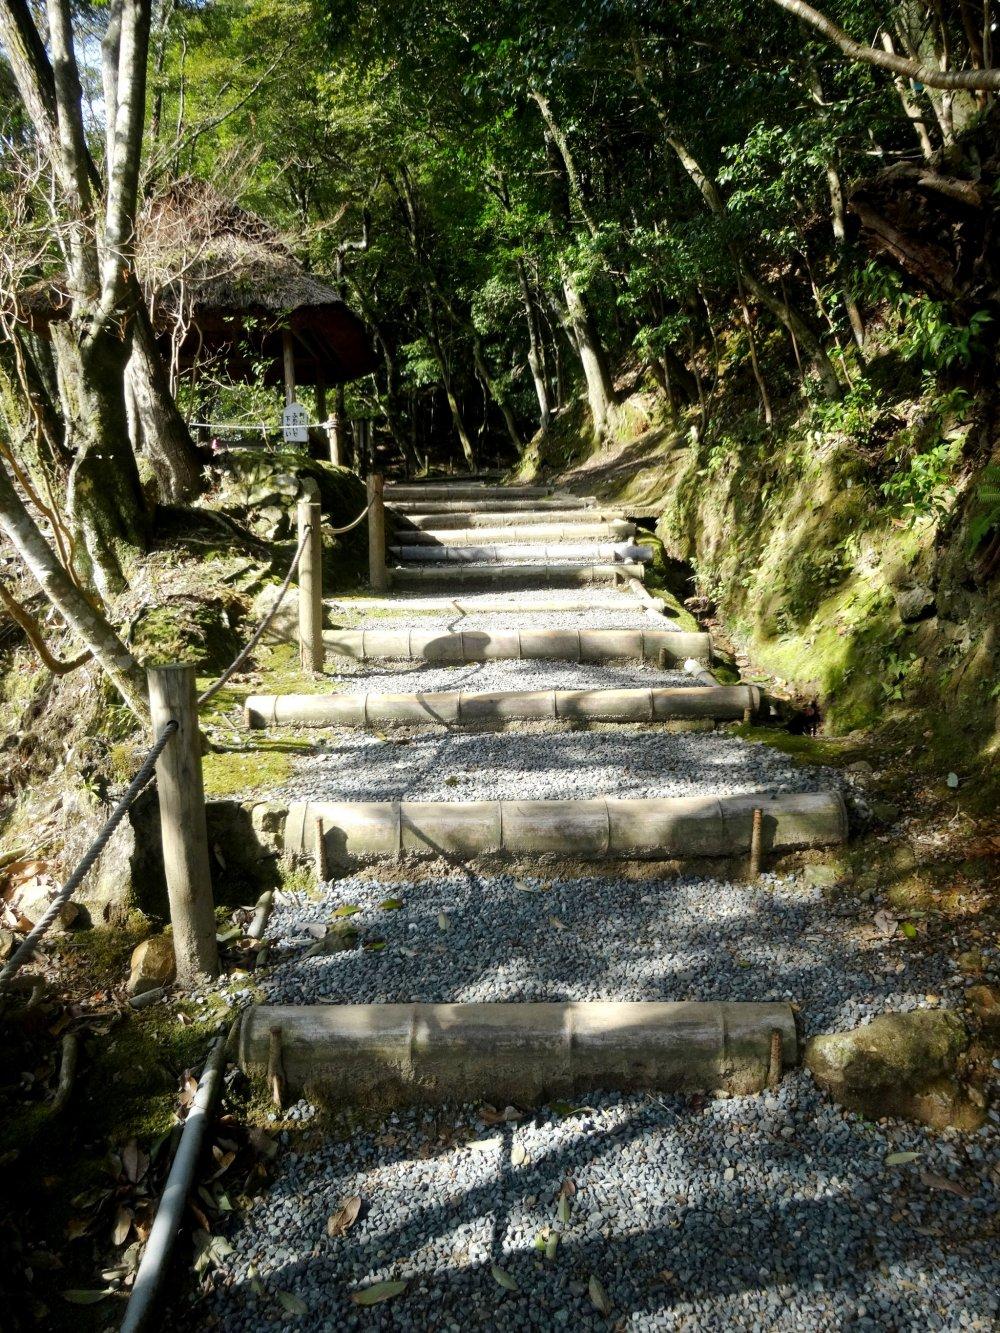 ทางเดินหินในสวน